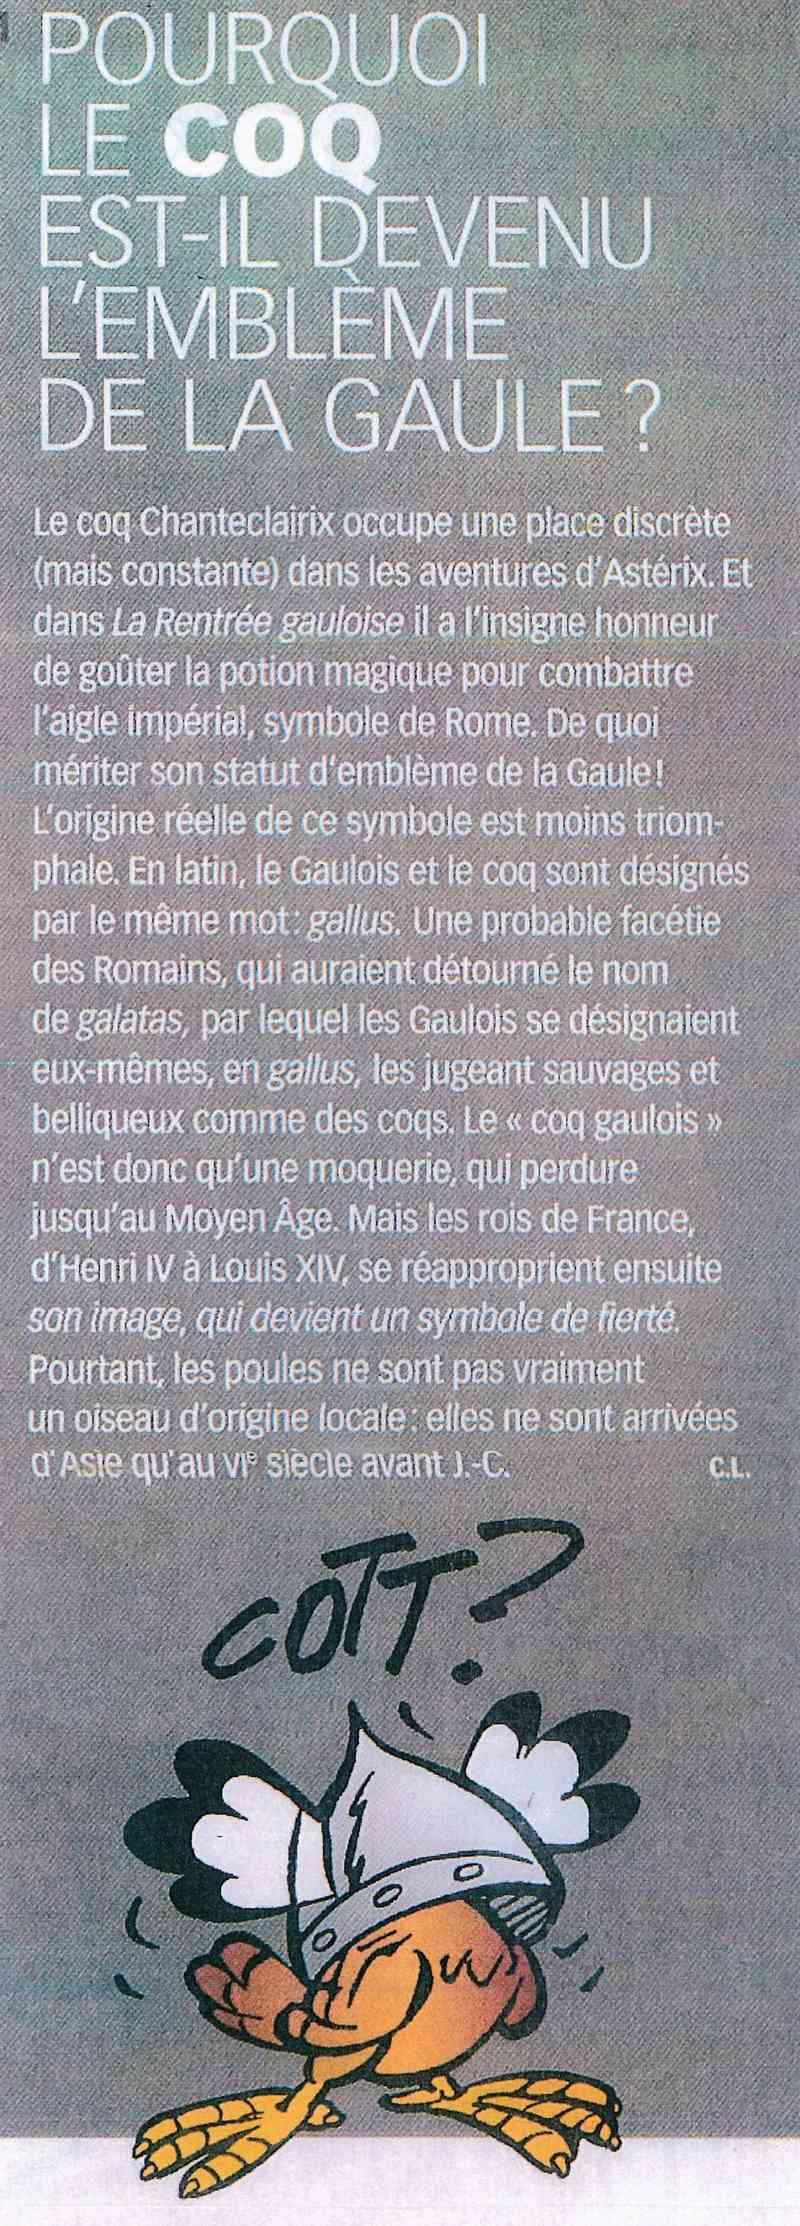 AIDE POUR UN REPAS A THEME SUR LE MONDE DES GAULOIS Fofo_a22